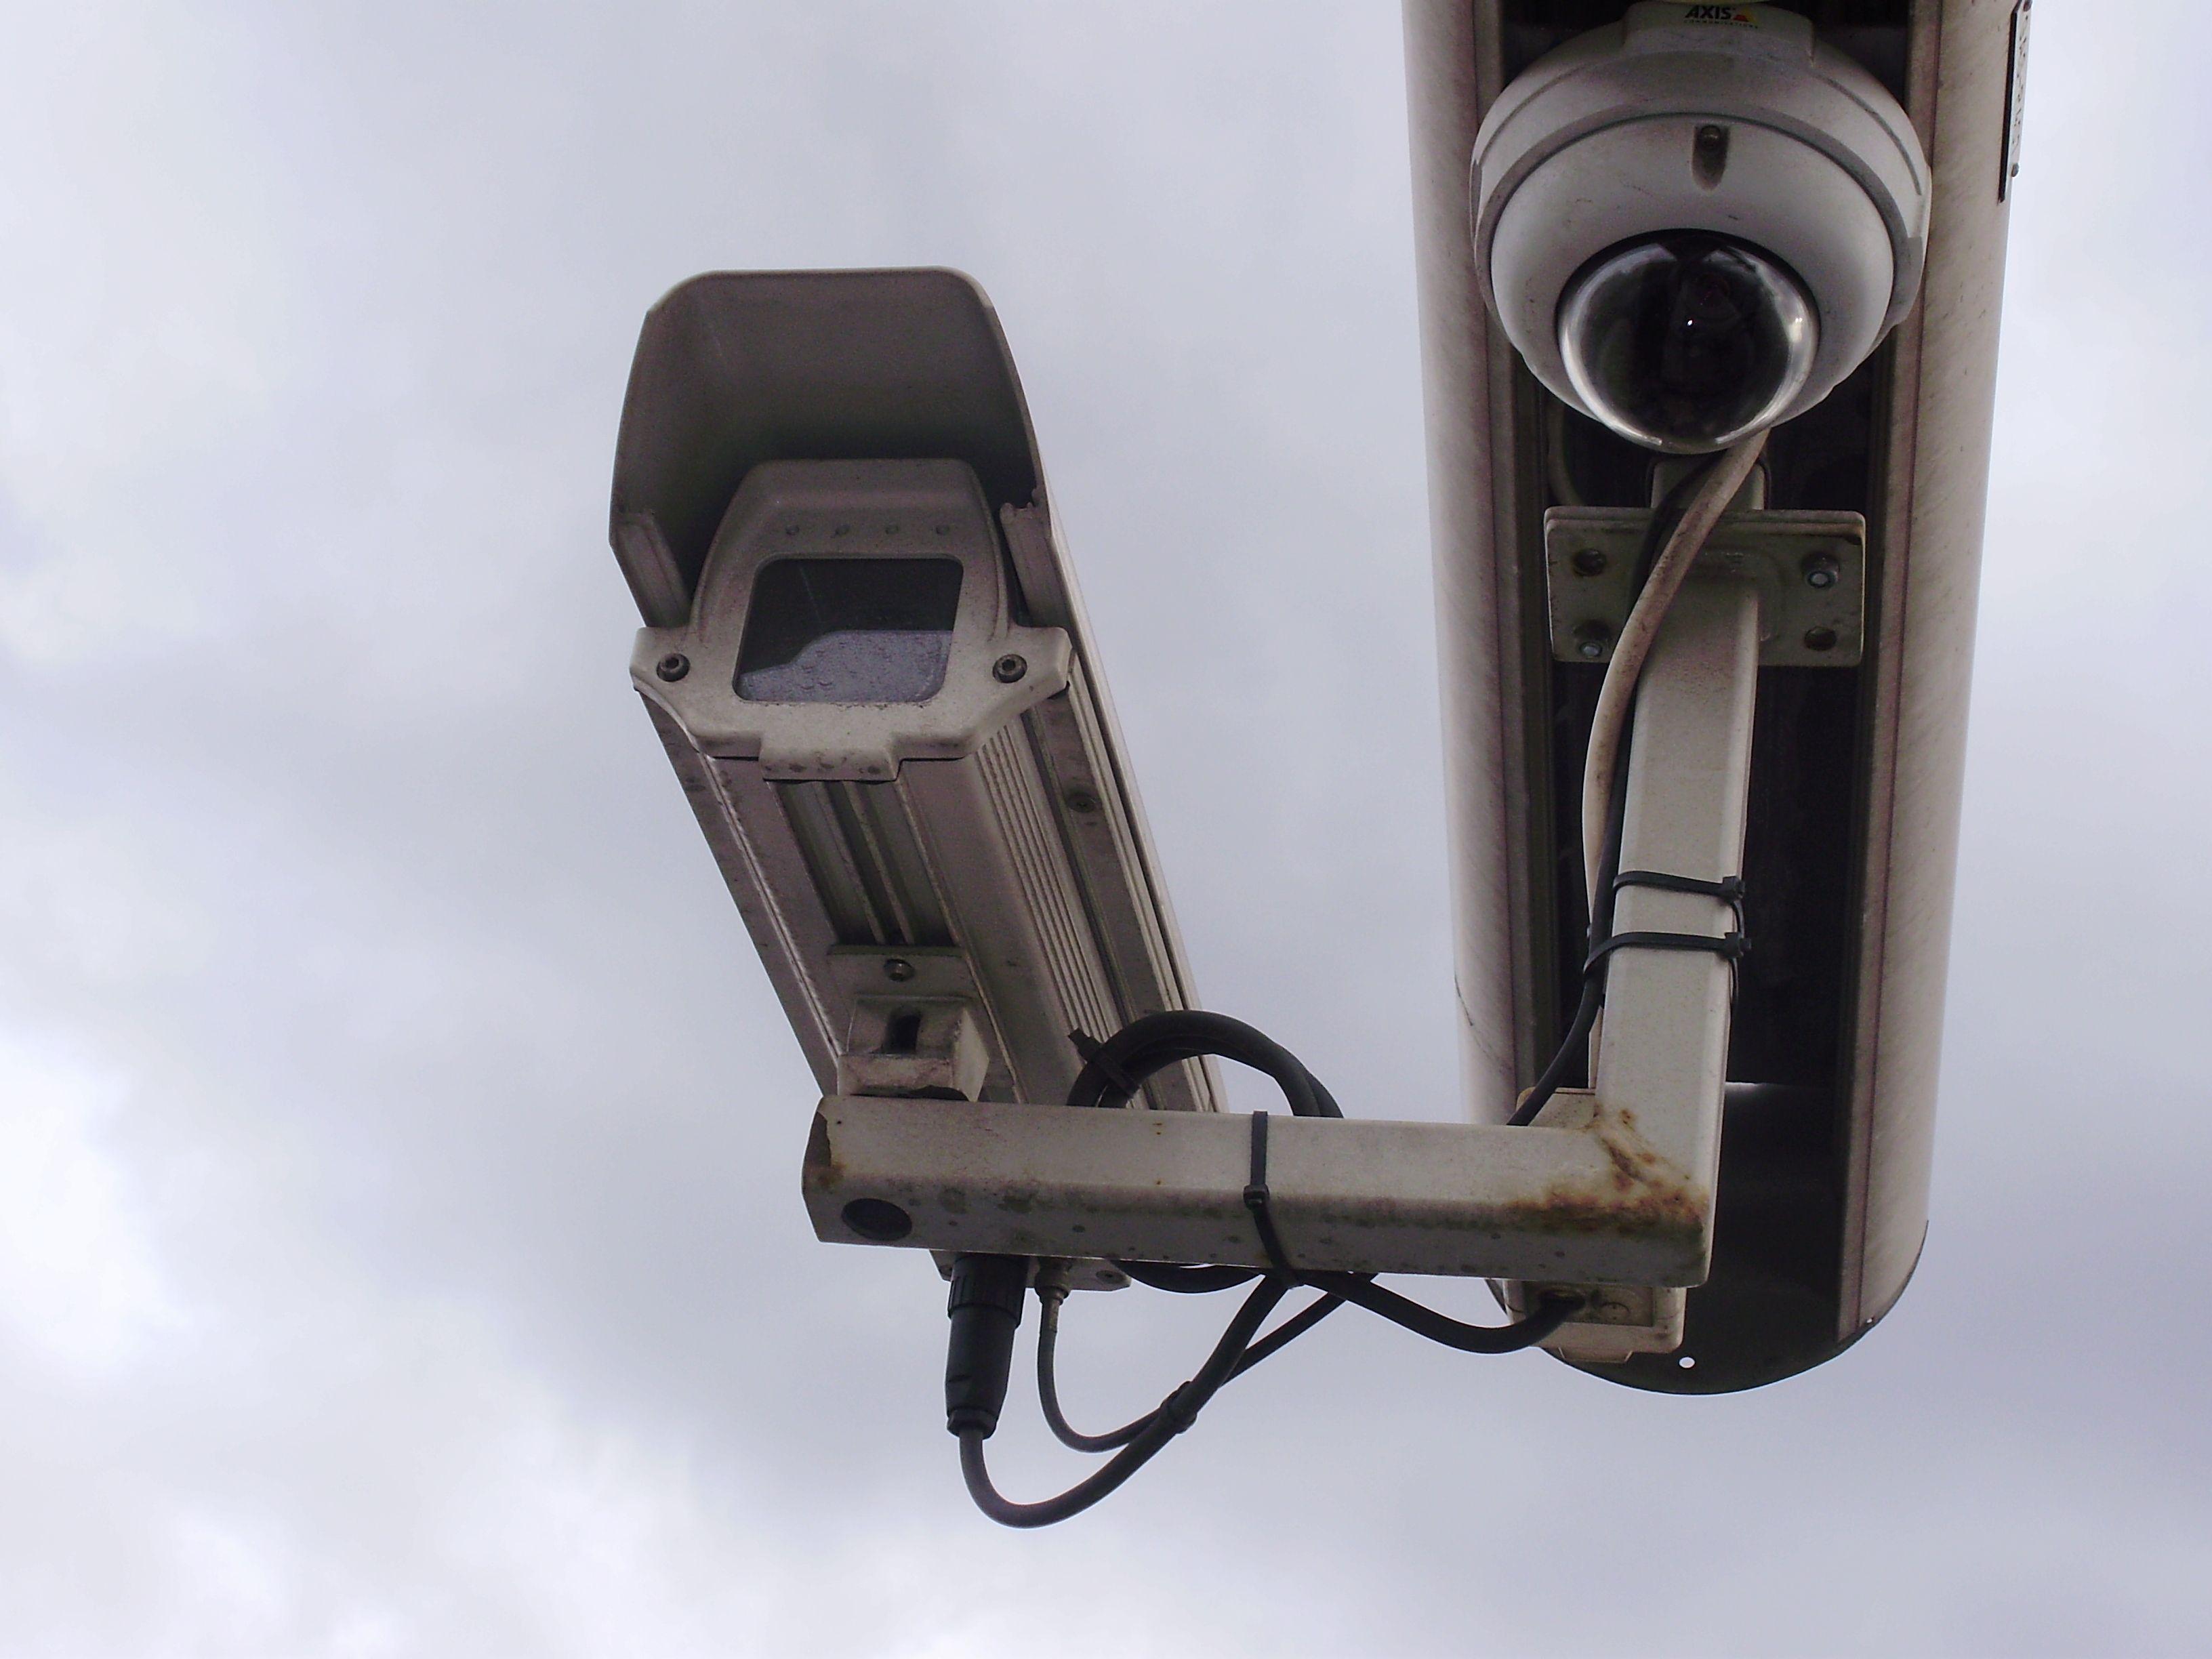 Cctv Surveillance System Philippines